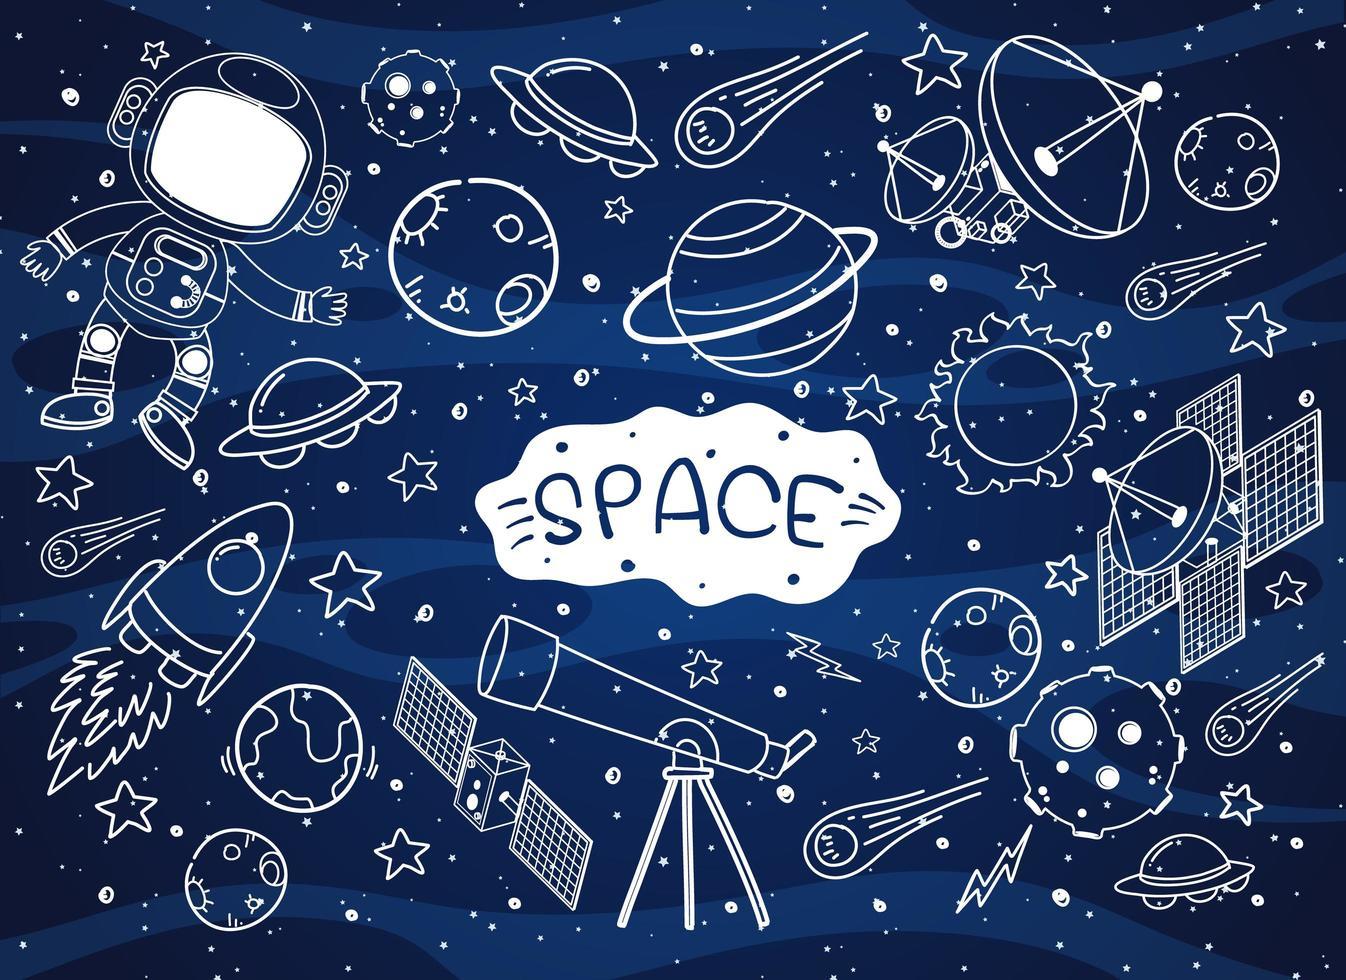 Satz Raumelement Gekritzel isoliert auf Galaxienhintergrund vektor